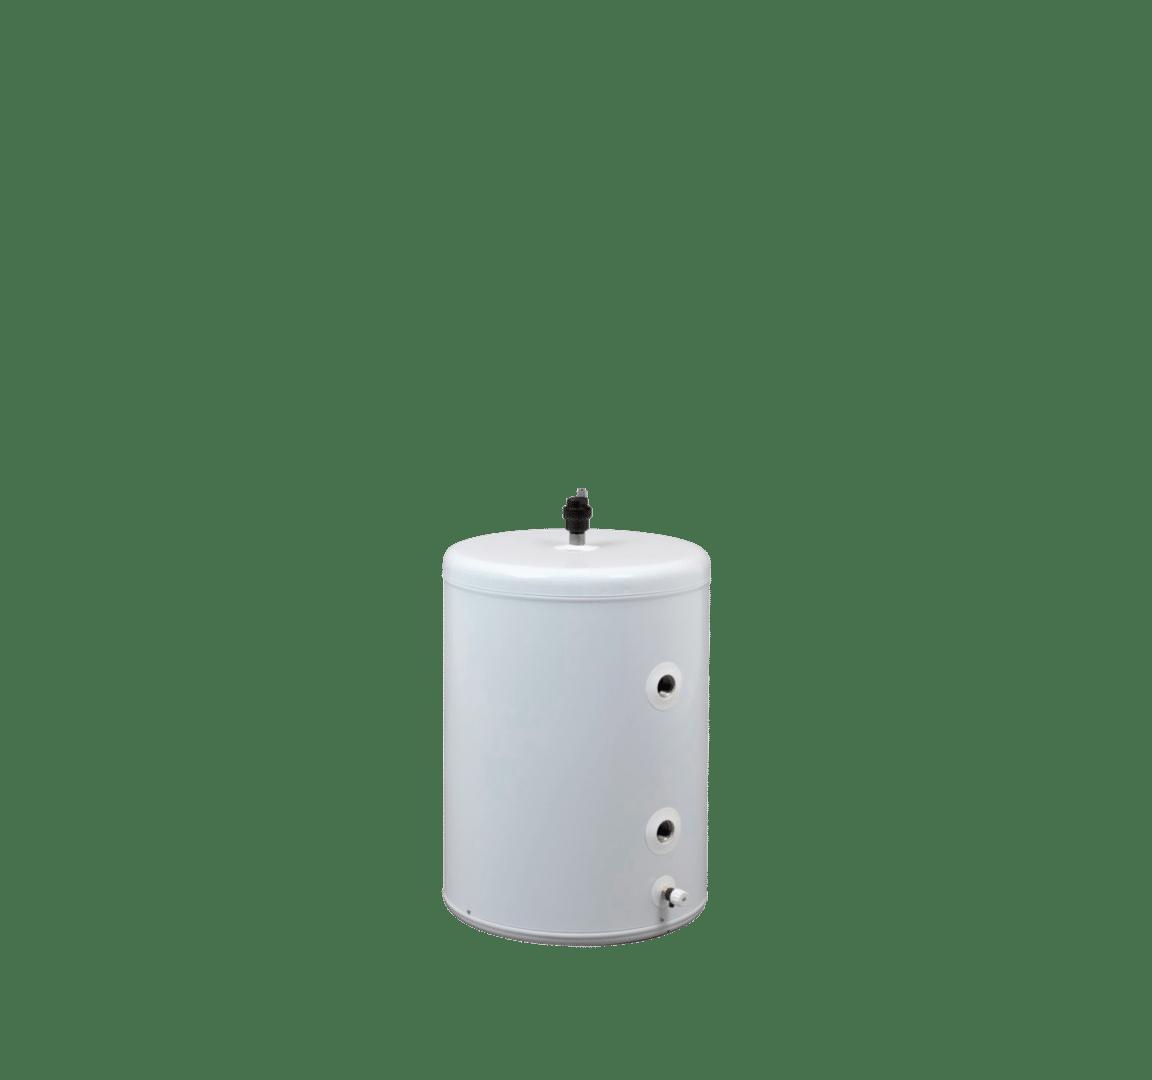 Panasonic warmtepomp buffertank 50 liter staal van DHPS